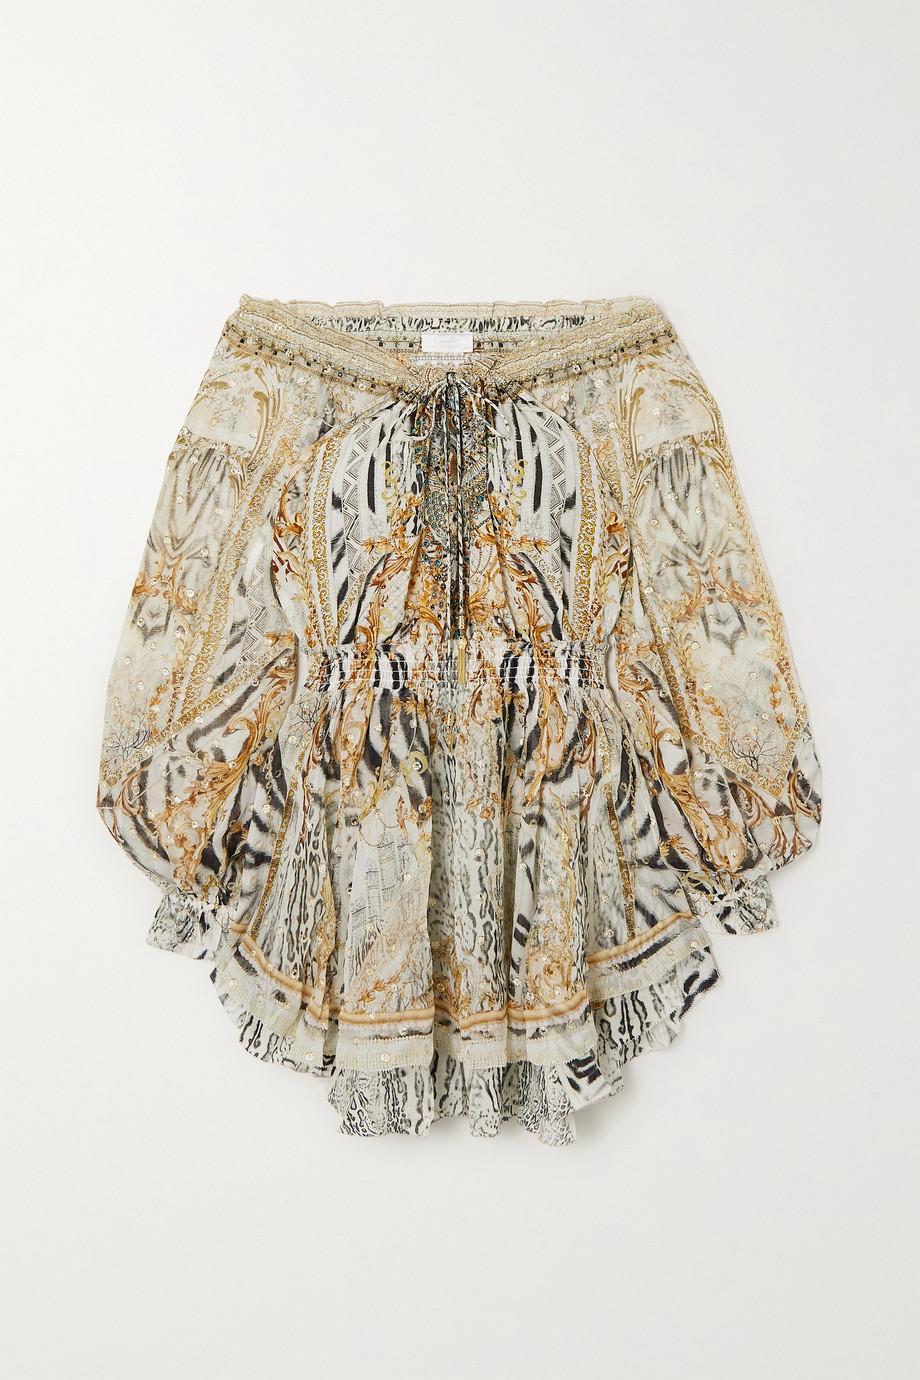 Camilla Mini-robe en mousseline de soie imprimée à fil coupé et à cristaux